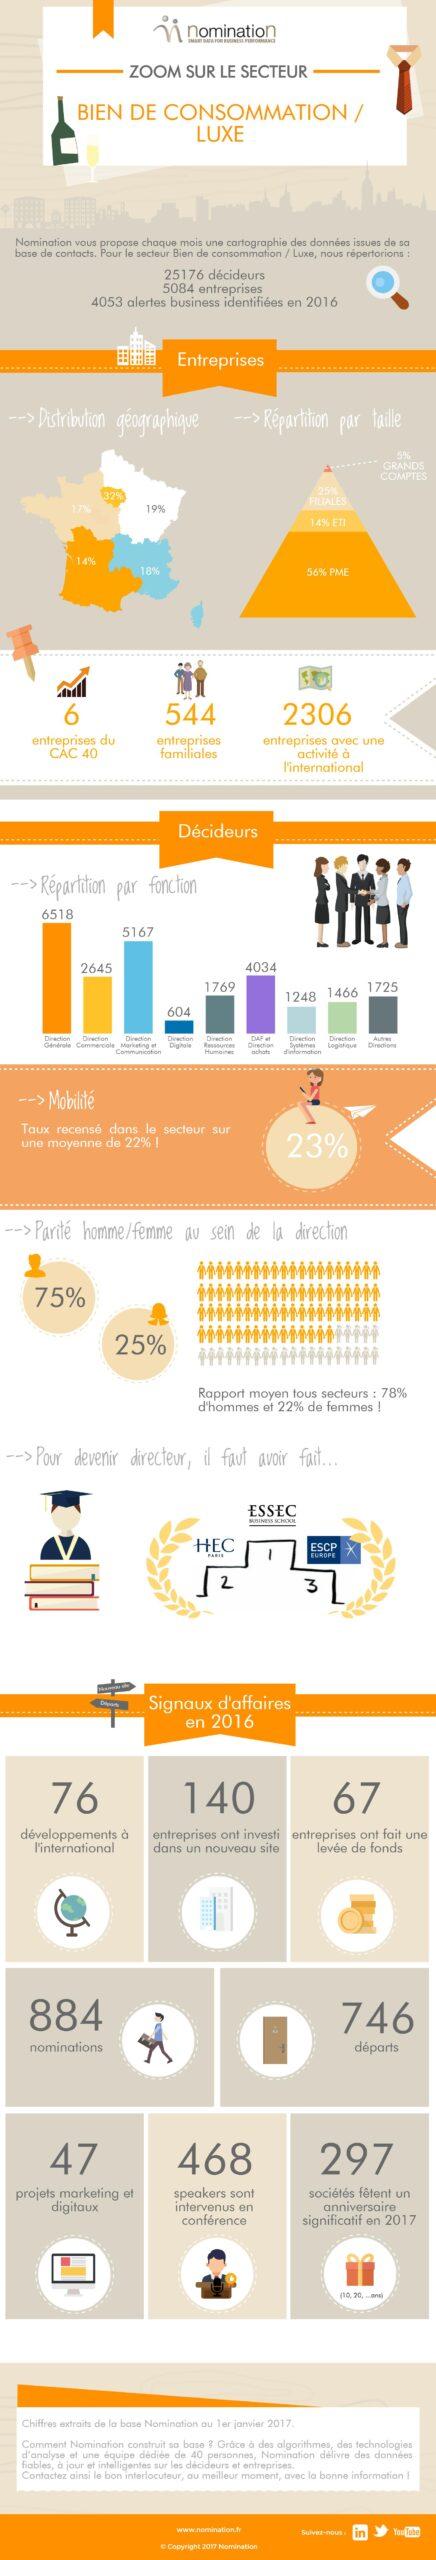 Infographie Bien de consommation/Luxe